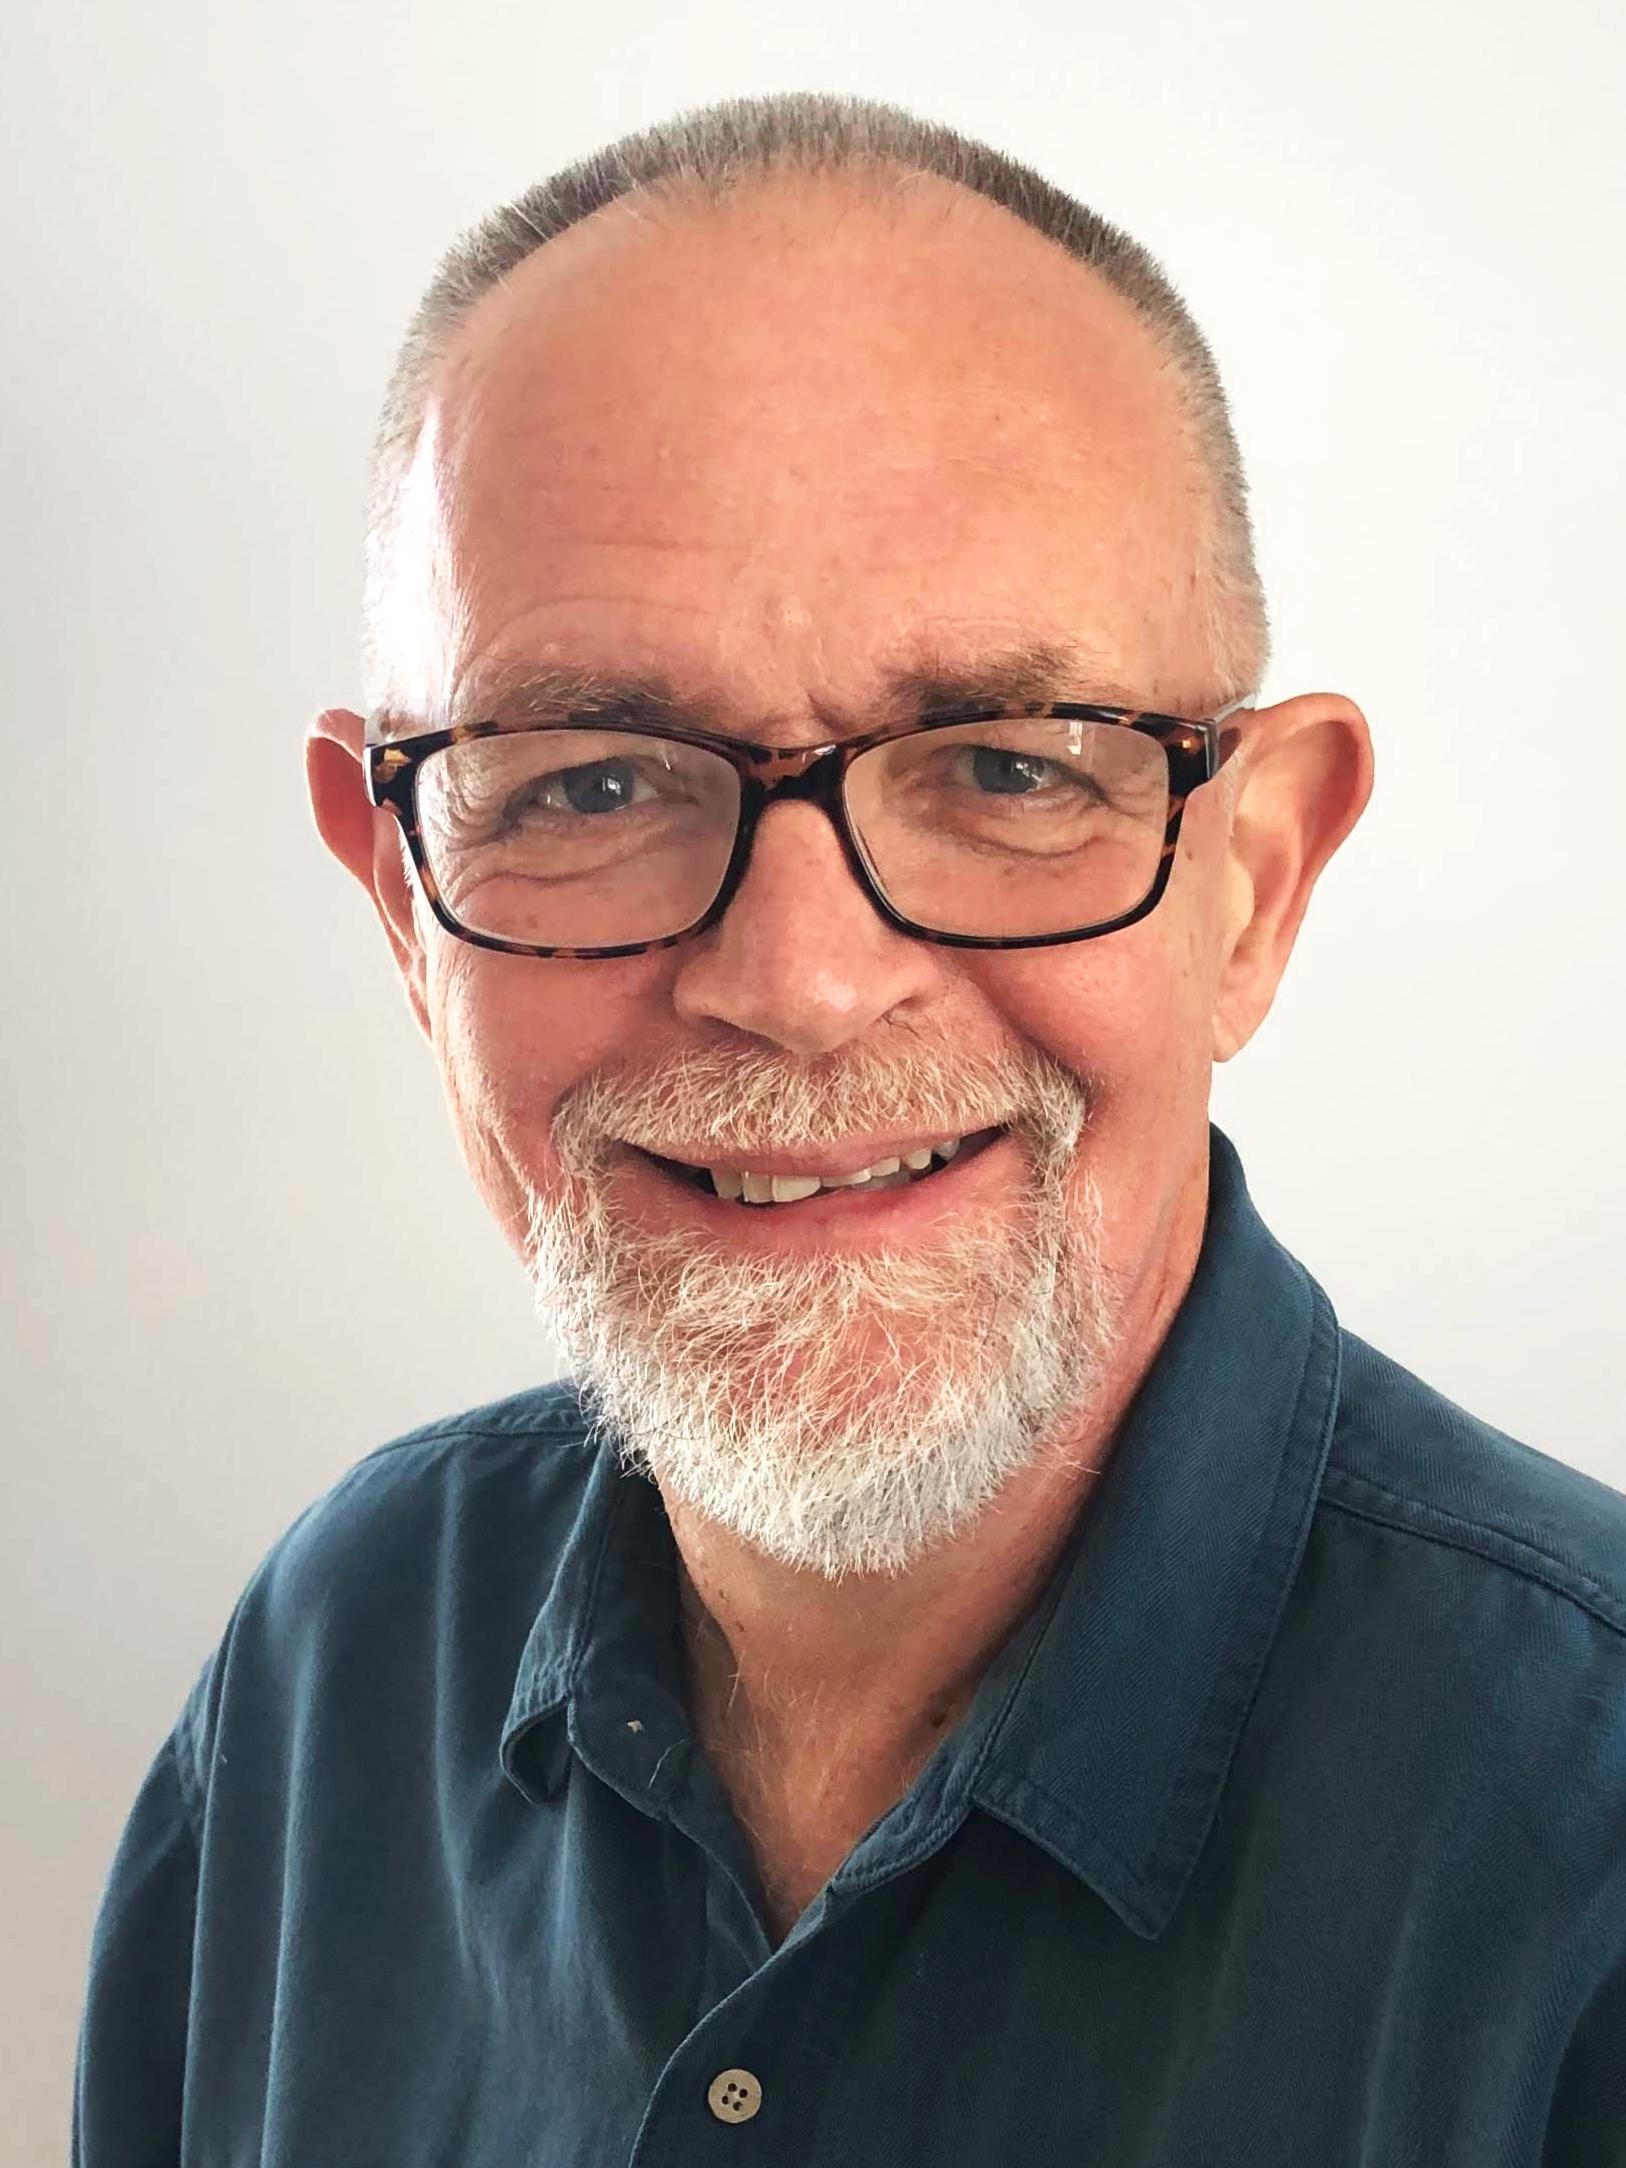 Stephen Hammer